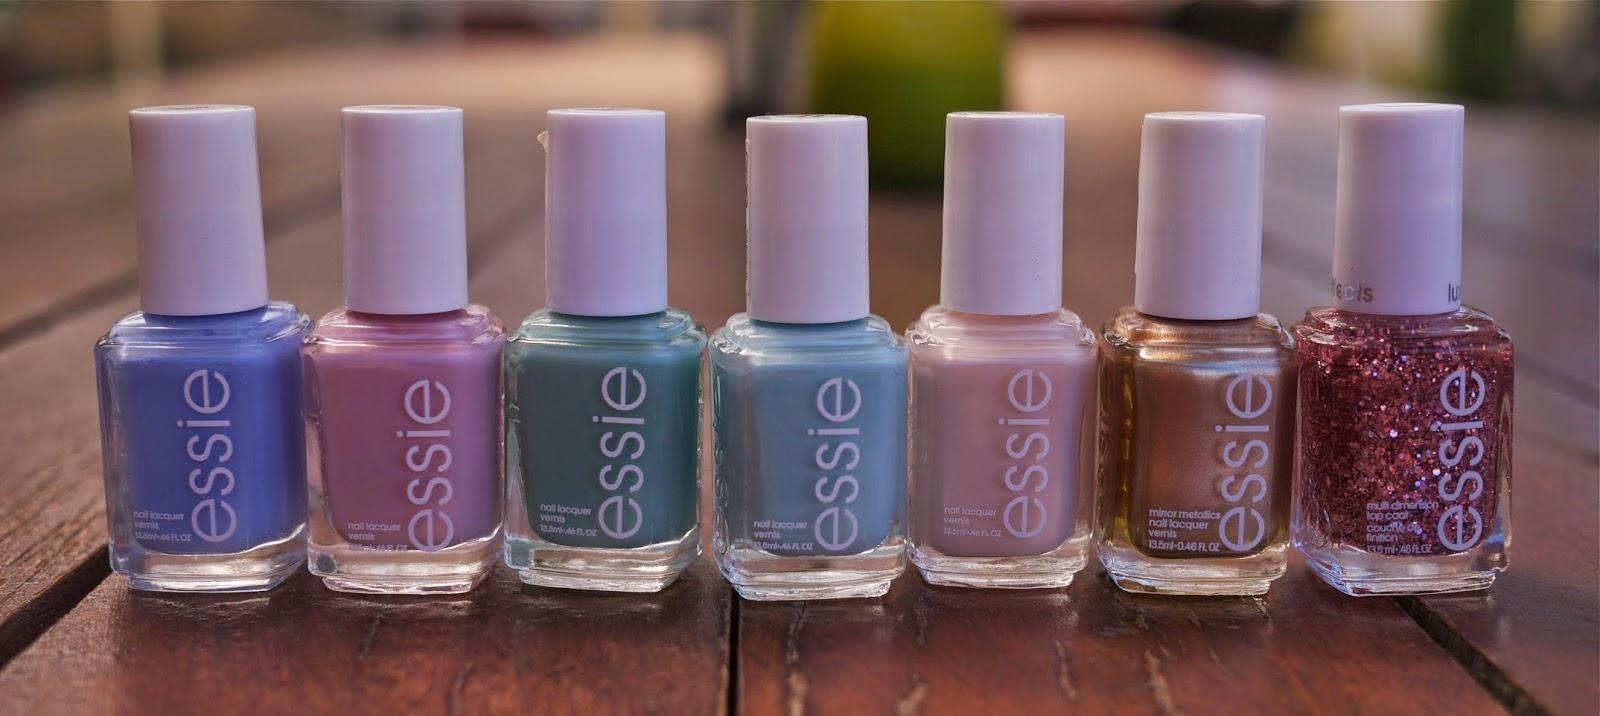 Essie Nail Polish Sets Sale - Creative Touch